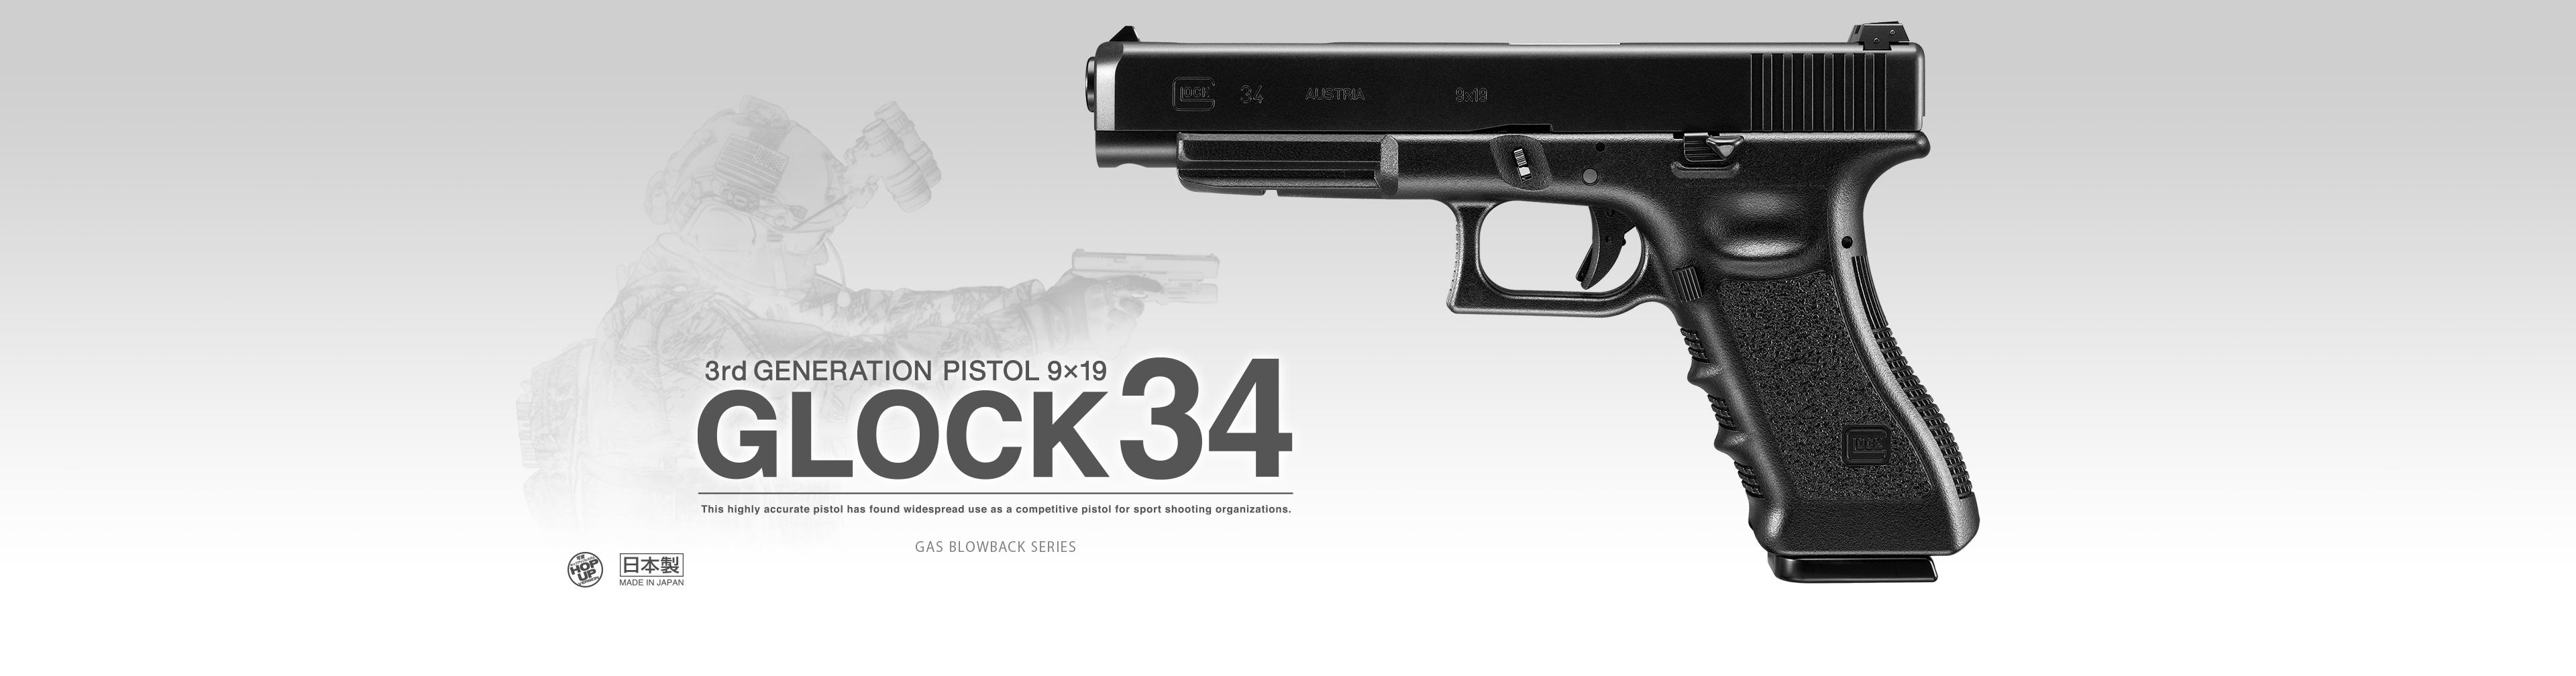 グロック34